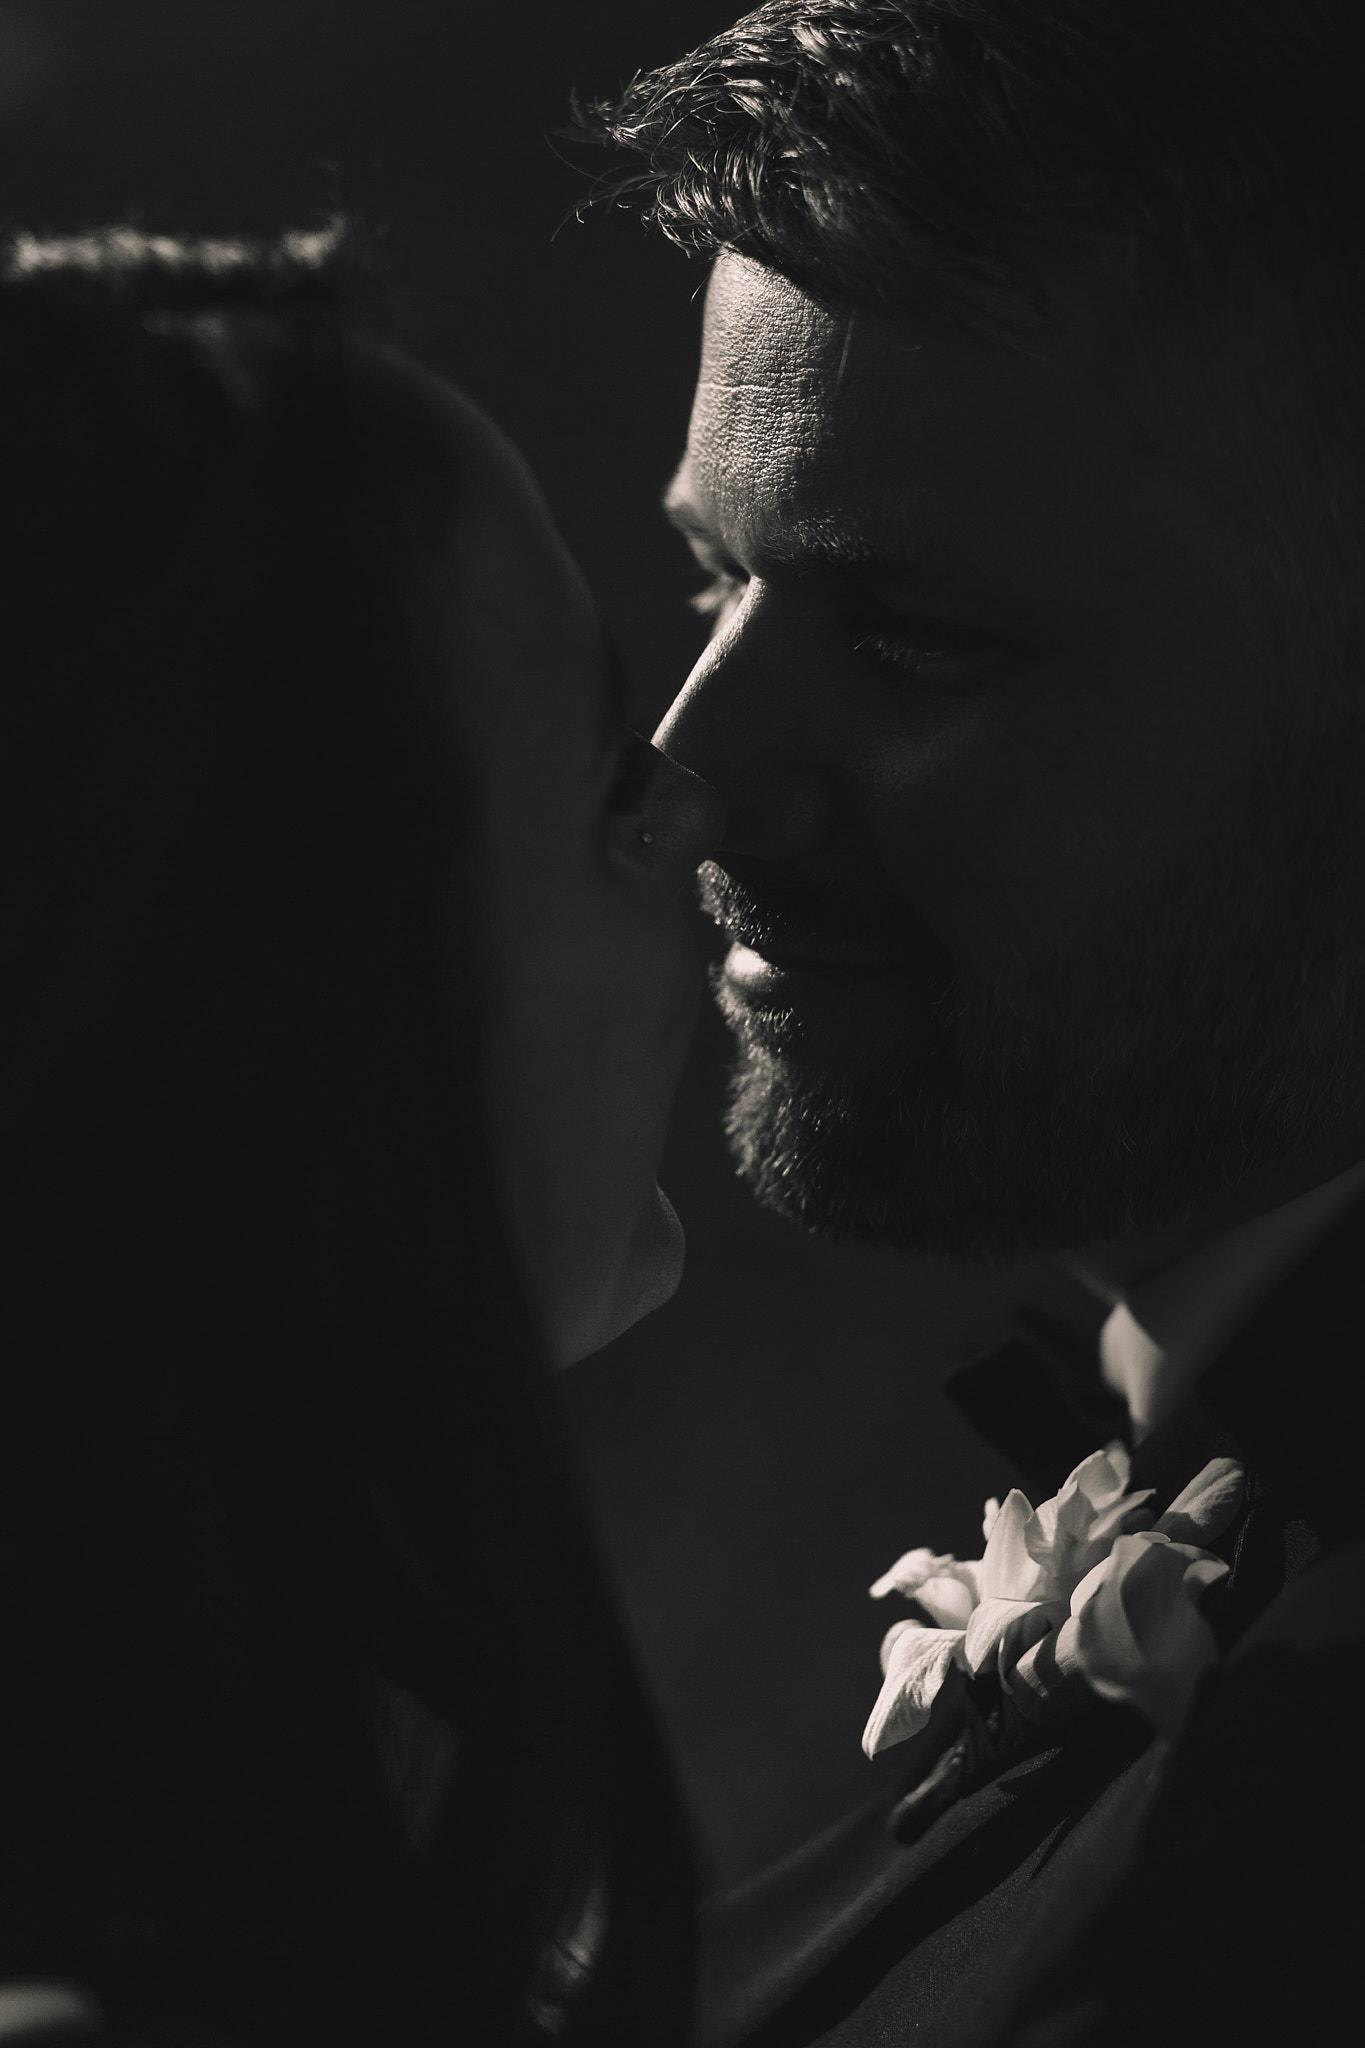 matrimonio rid 0_187